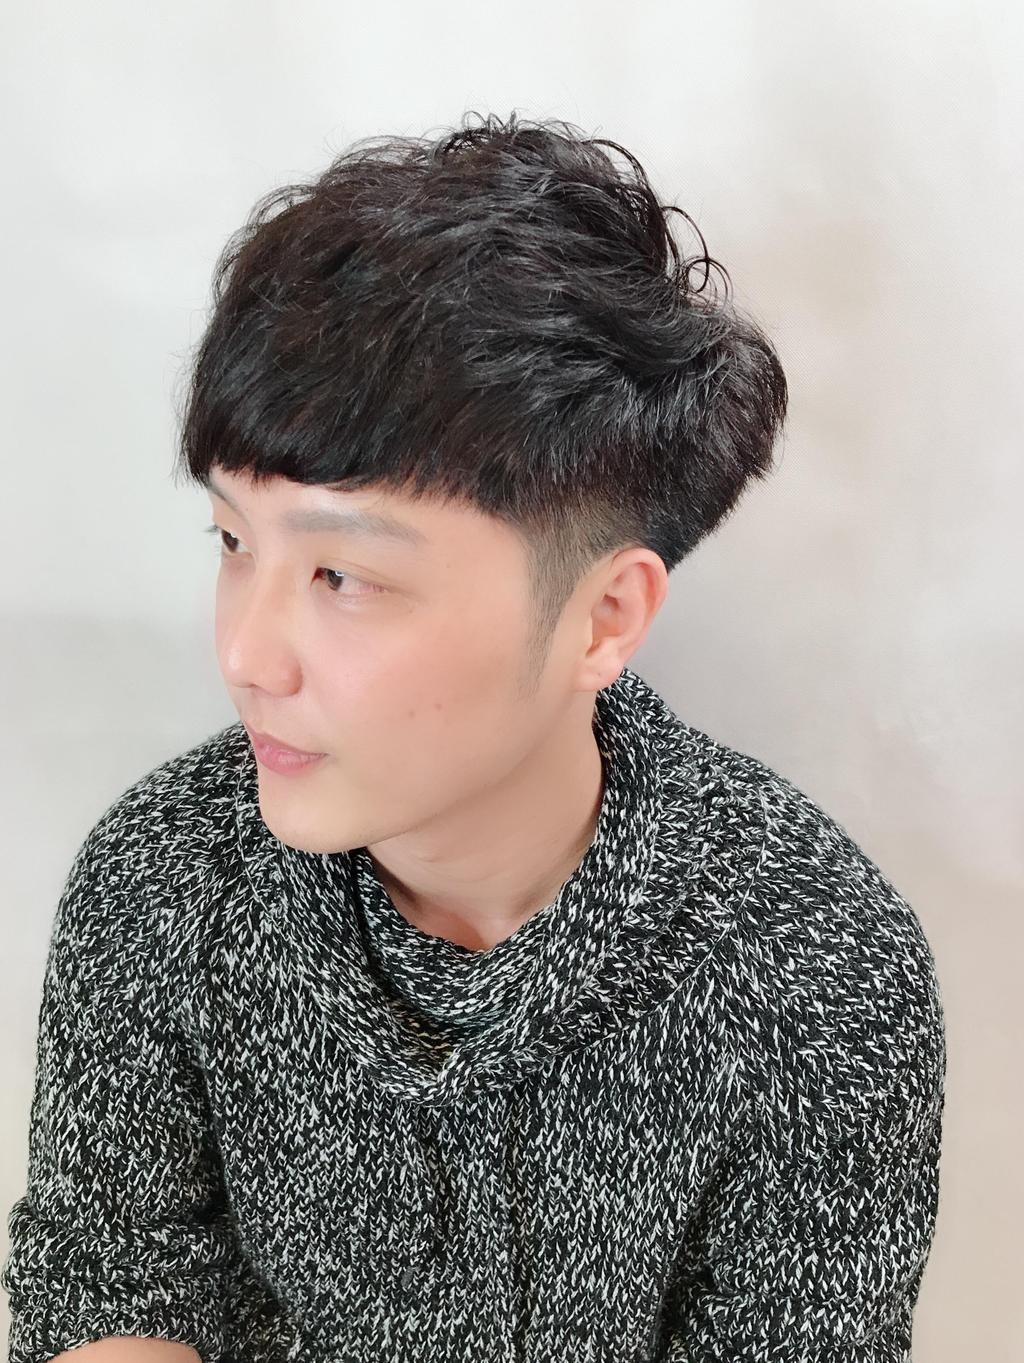 清爽俐落感!2018夏日男生髮型六大關鍵字 - Yahoo奇摩時尚美妝